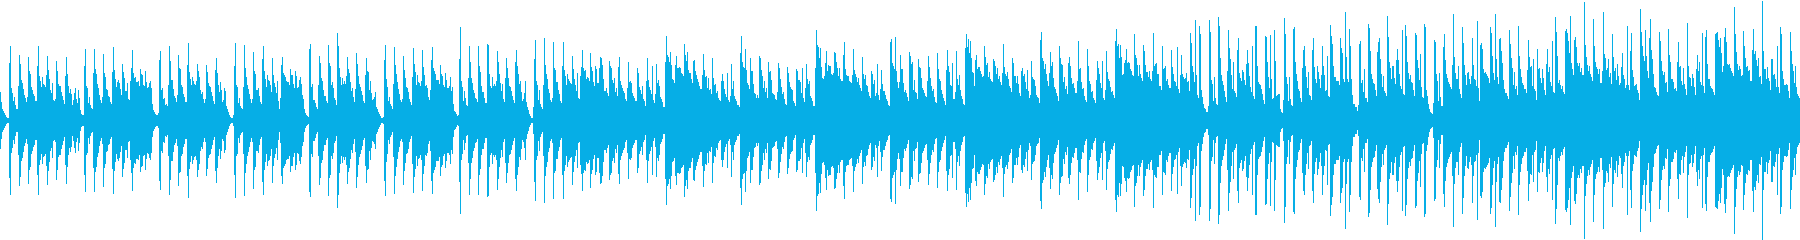 不思議でお洒落な何度も聴きたくなる音楽の再生済みの波形